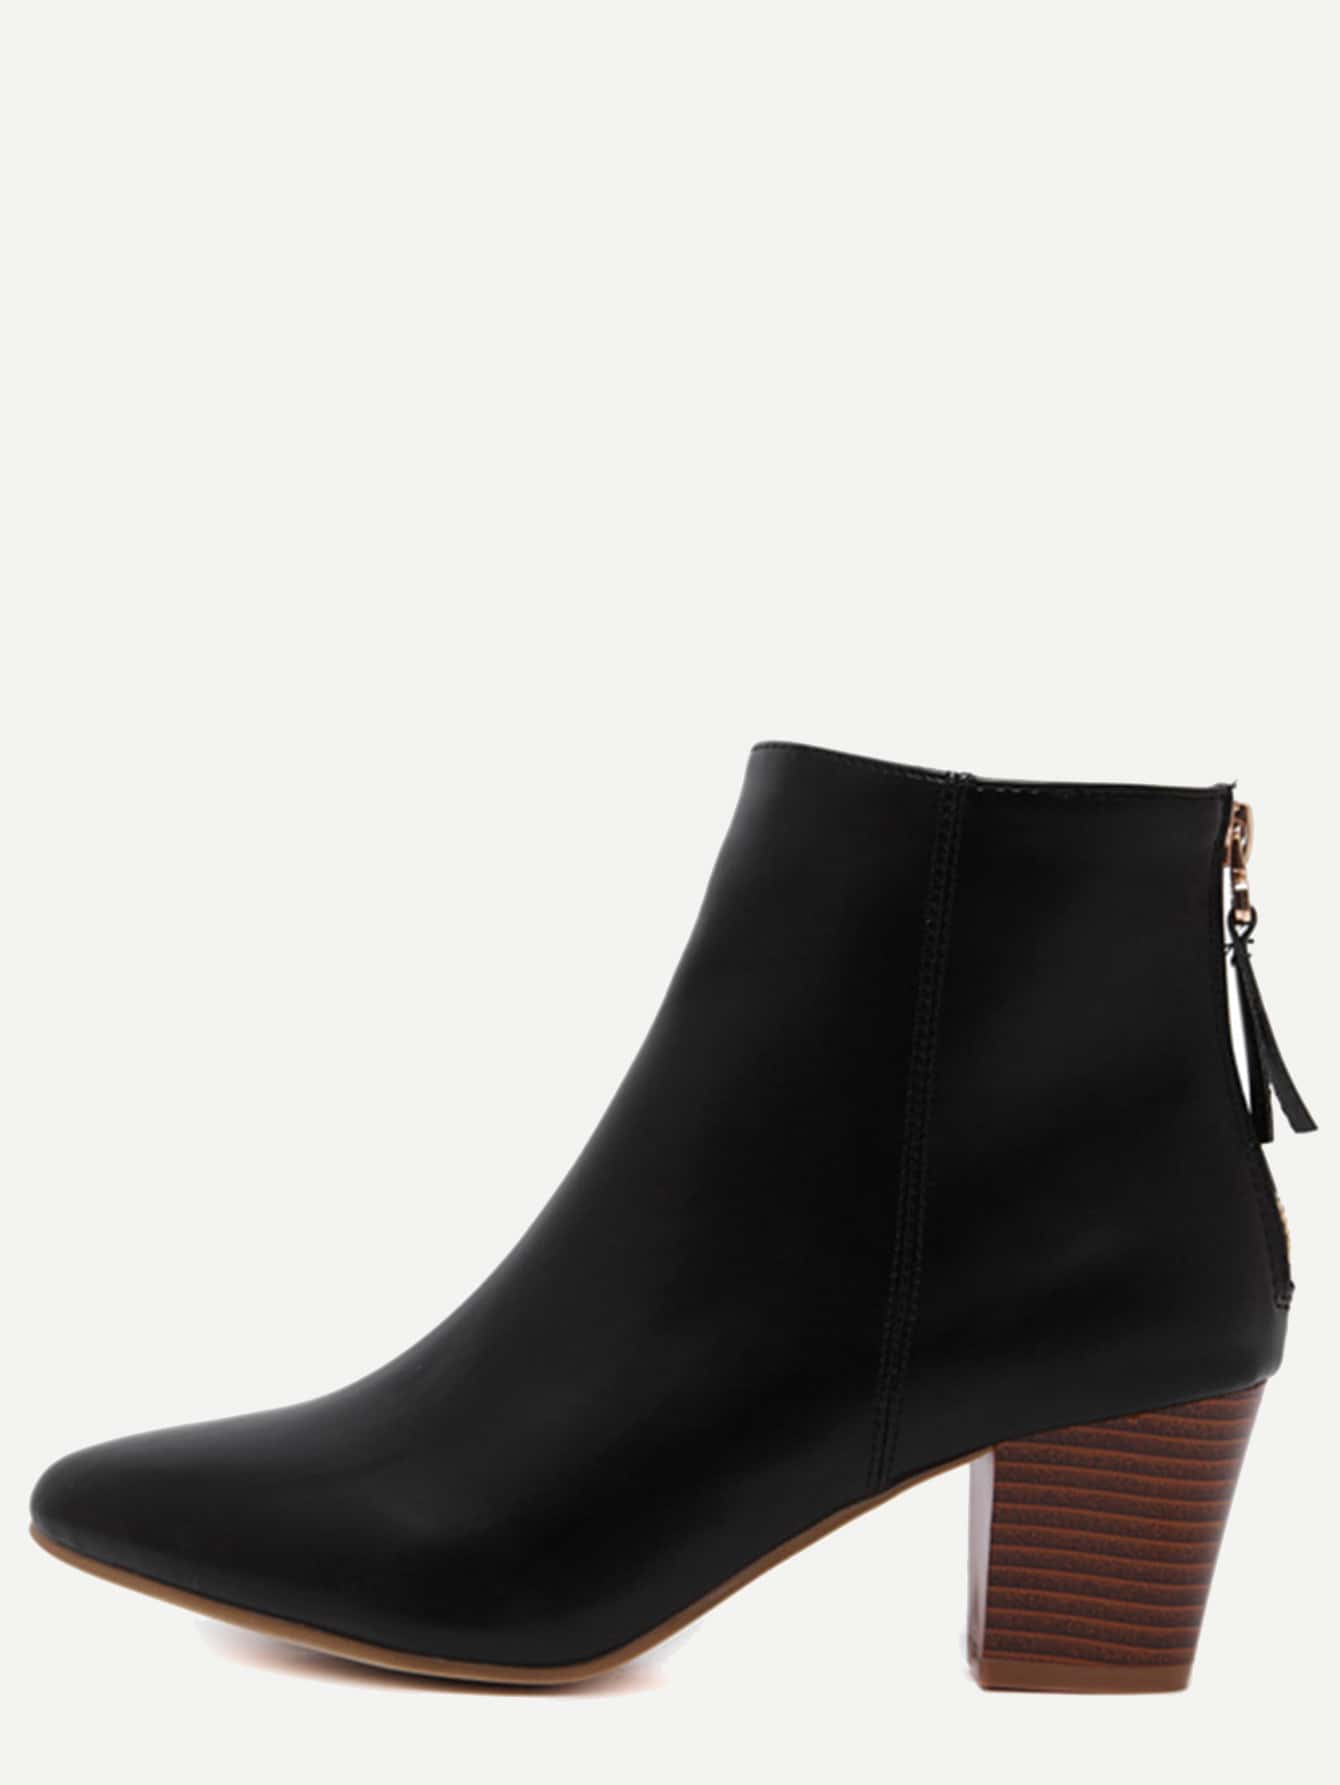 shoes161111806_2